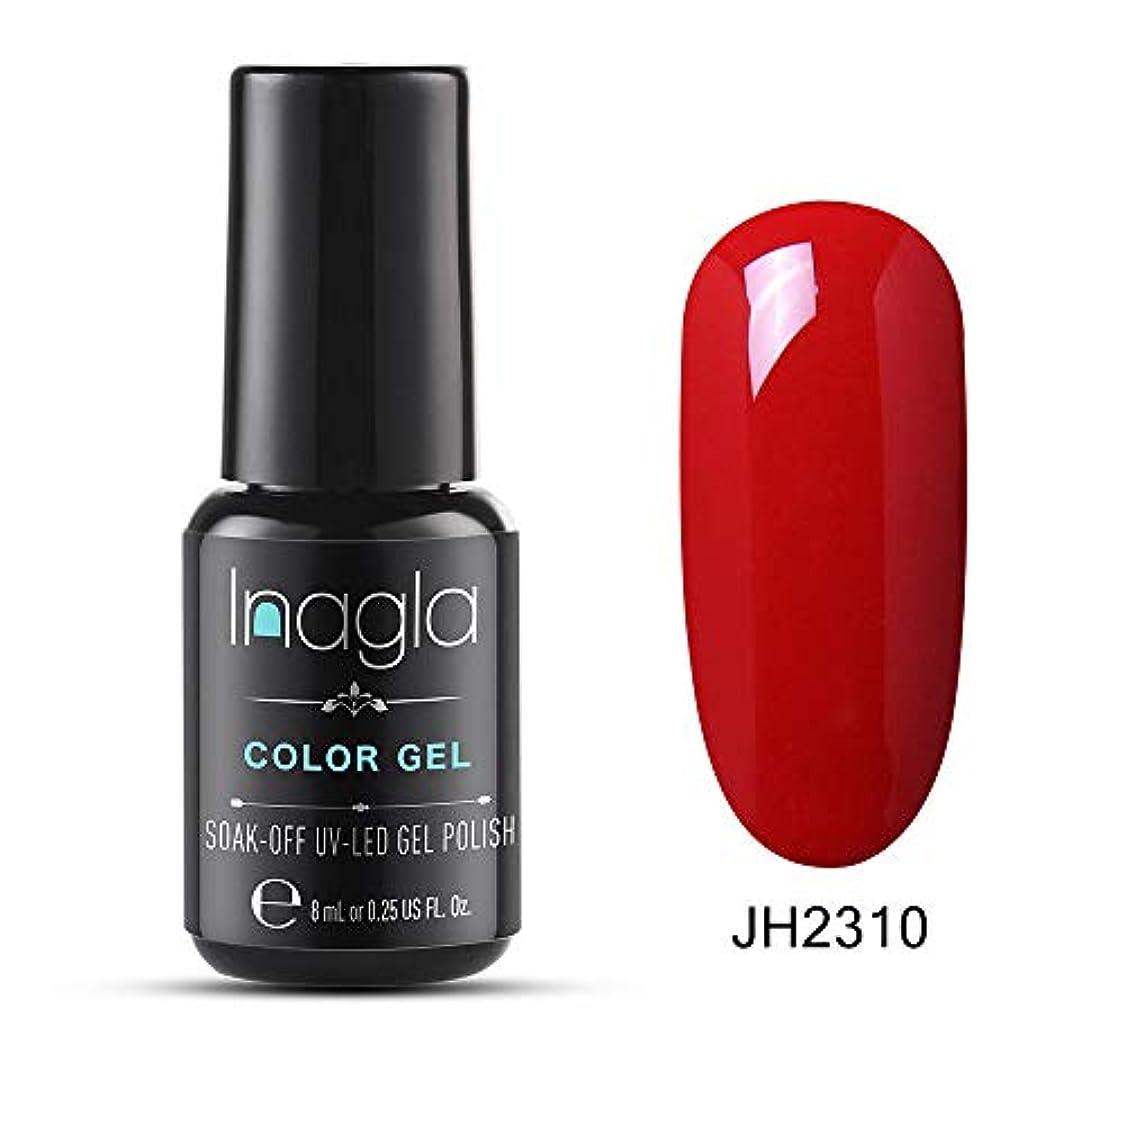 あらゆる種類の重要な役割を果たす、中心的な手段となる違反Inagla ジェルネイル カラージェル ワインレッド系 8ml-JH010